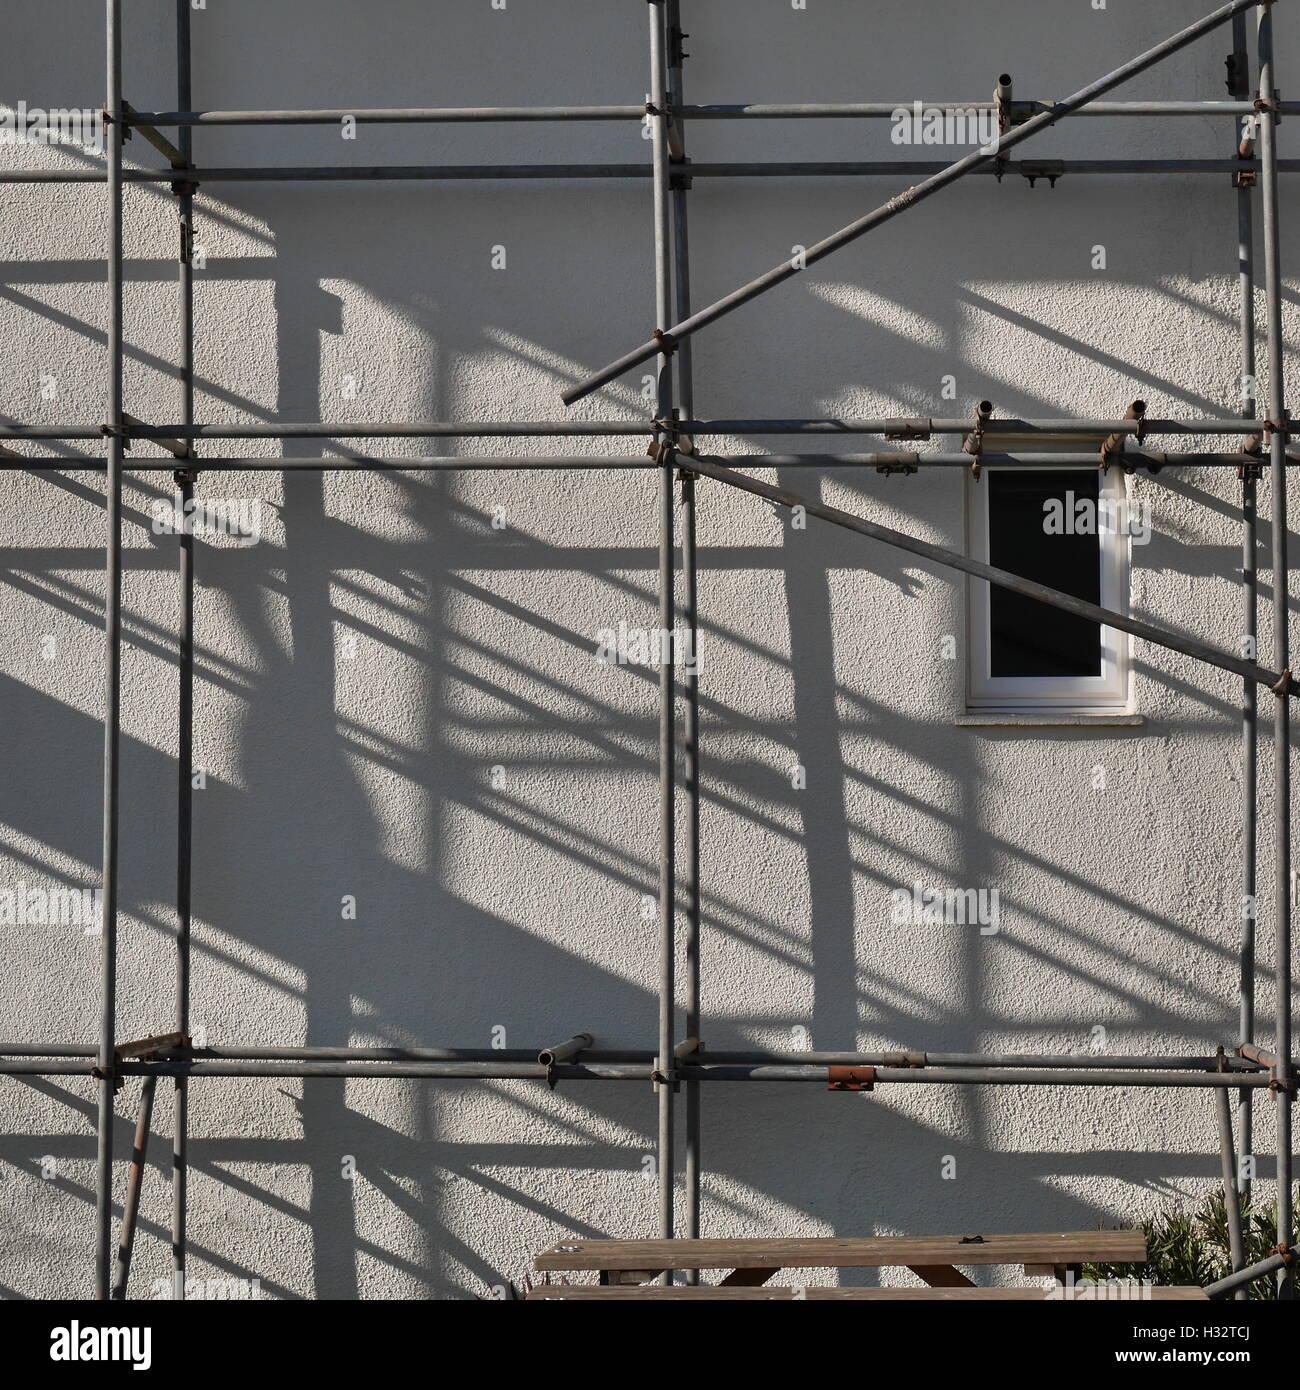 Scaffolding Shadows Stock Photos & Scaffolding Shadows Stock Images ...